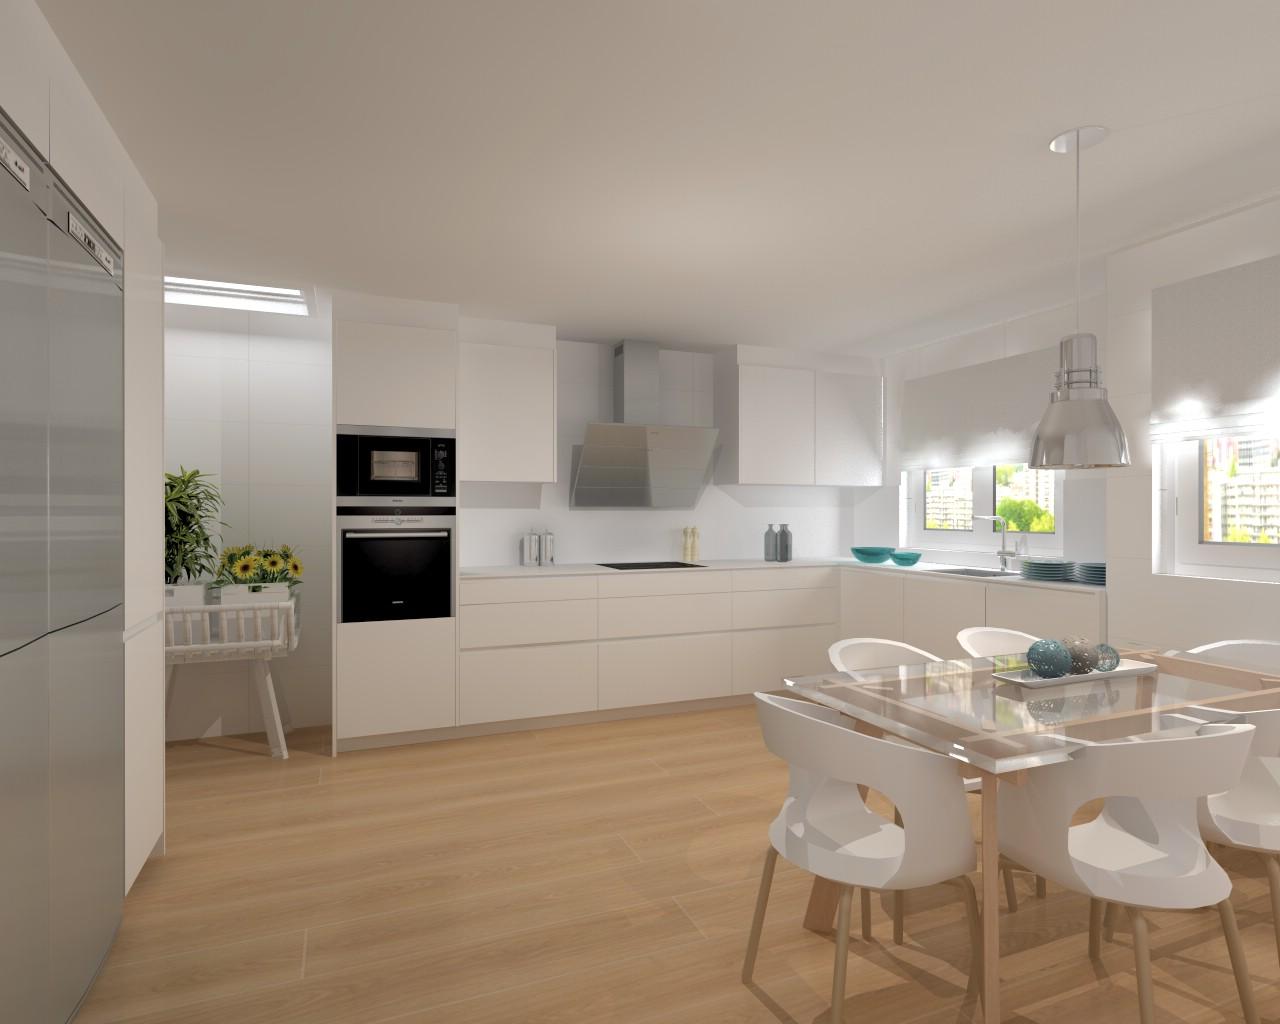 Proyecto cocina santos modelo line l con encimera dalian for Proyecto muebles de cocina